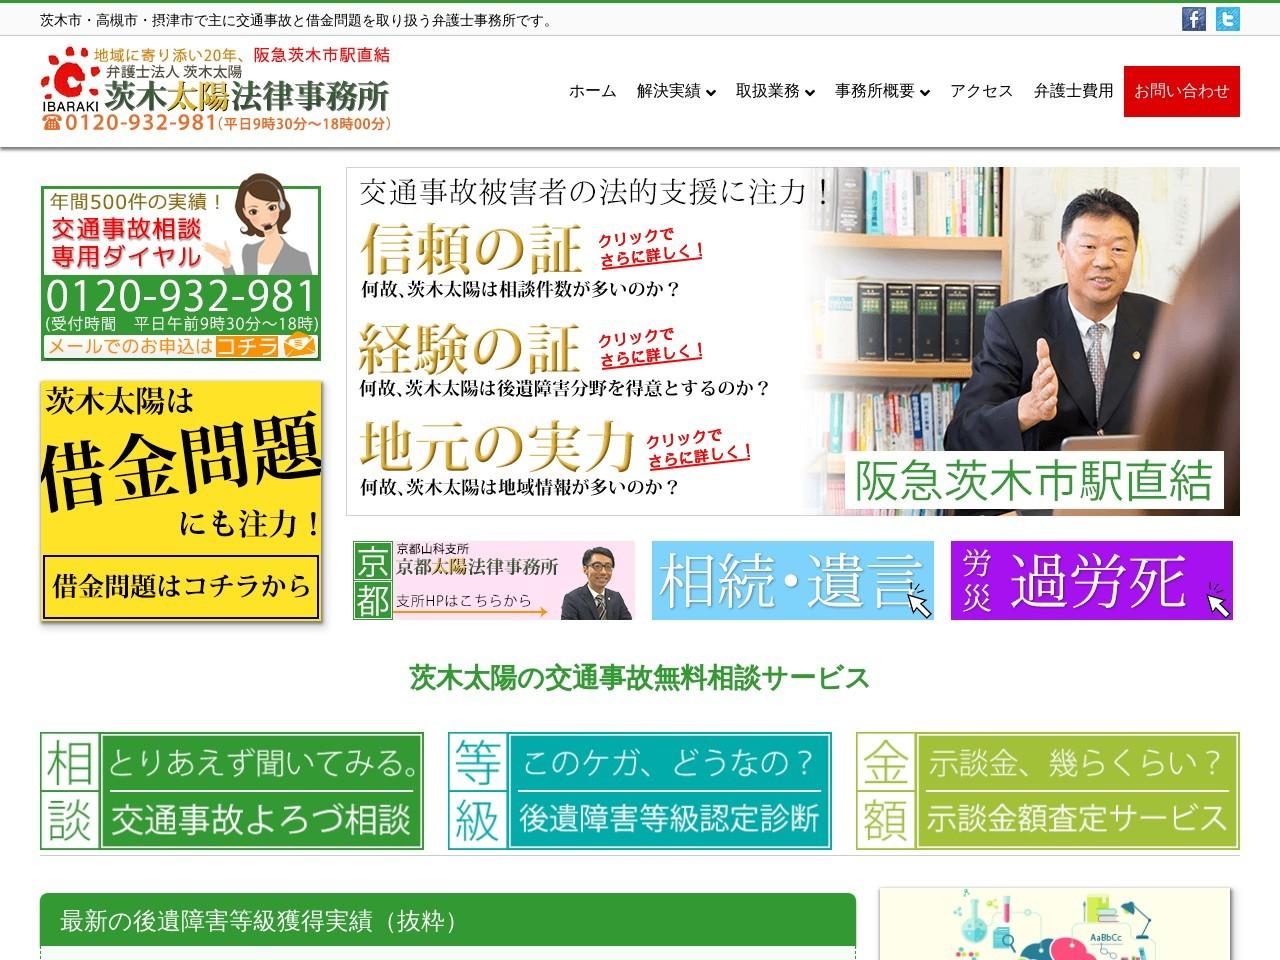 茨木太陽(弁護士法人)福岡支所福岡太陽法律事務所